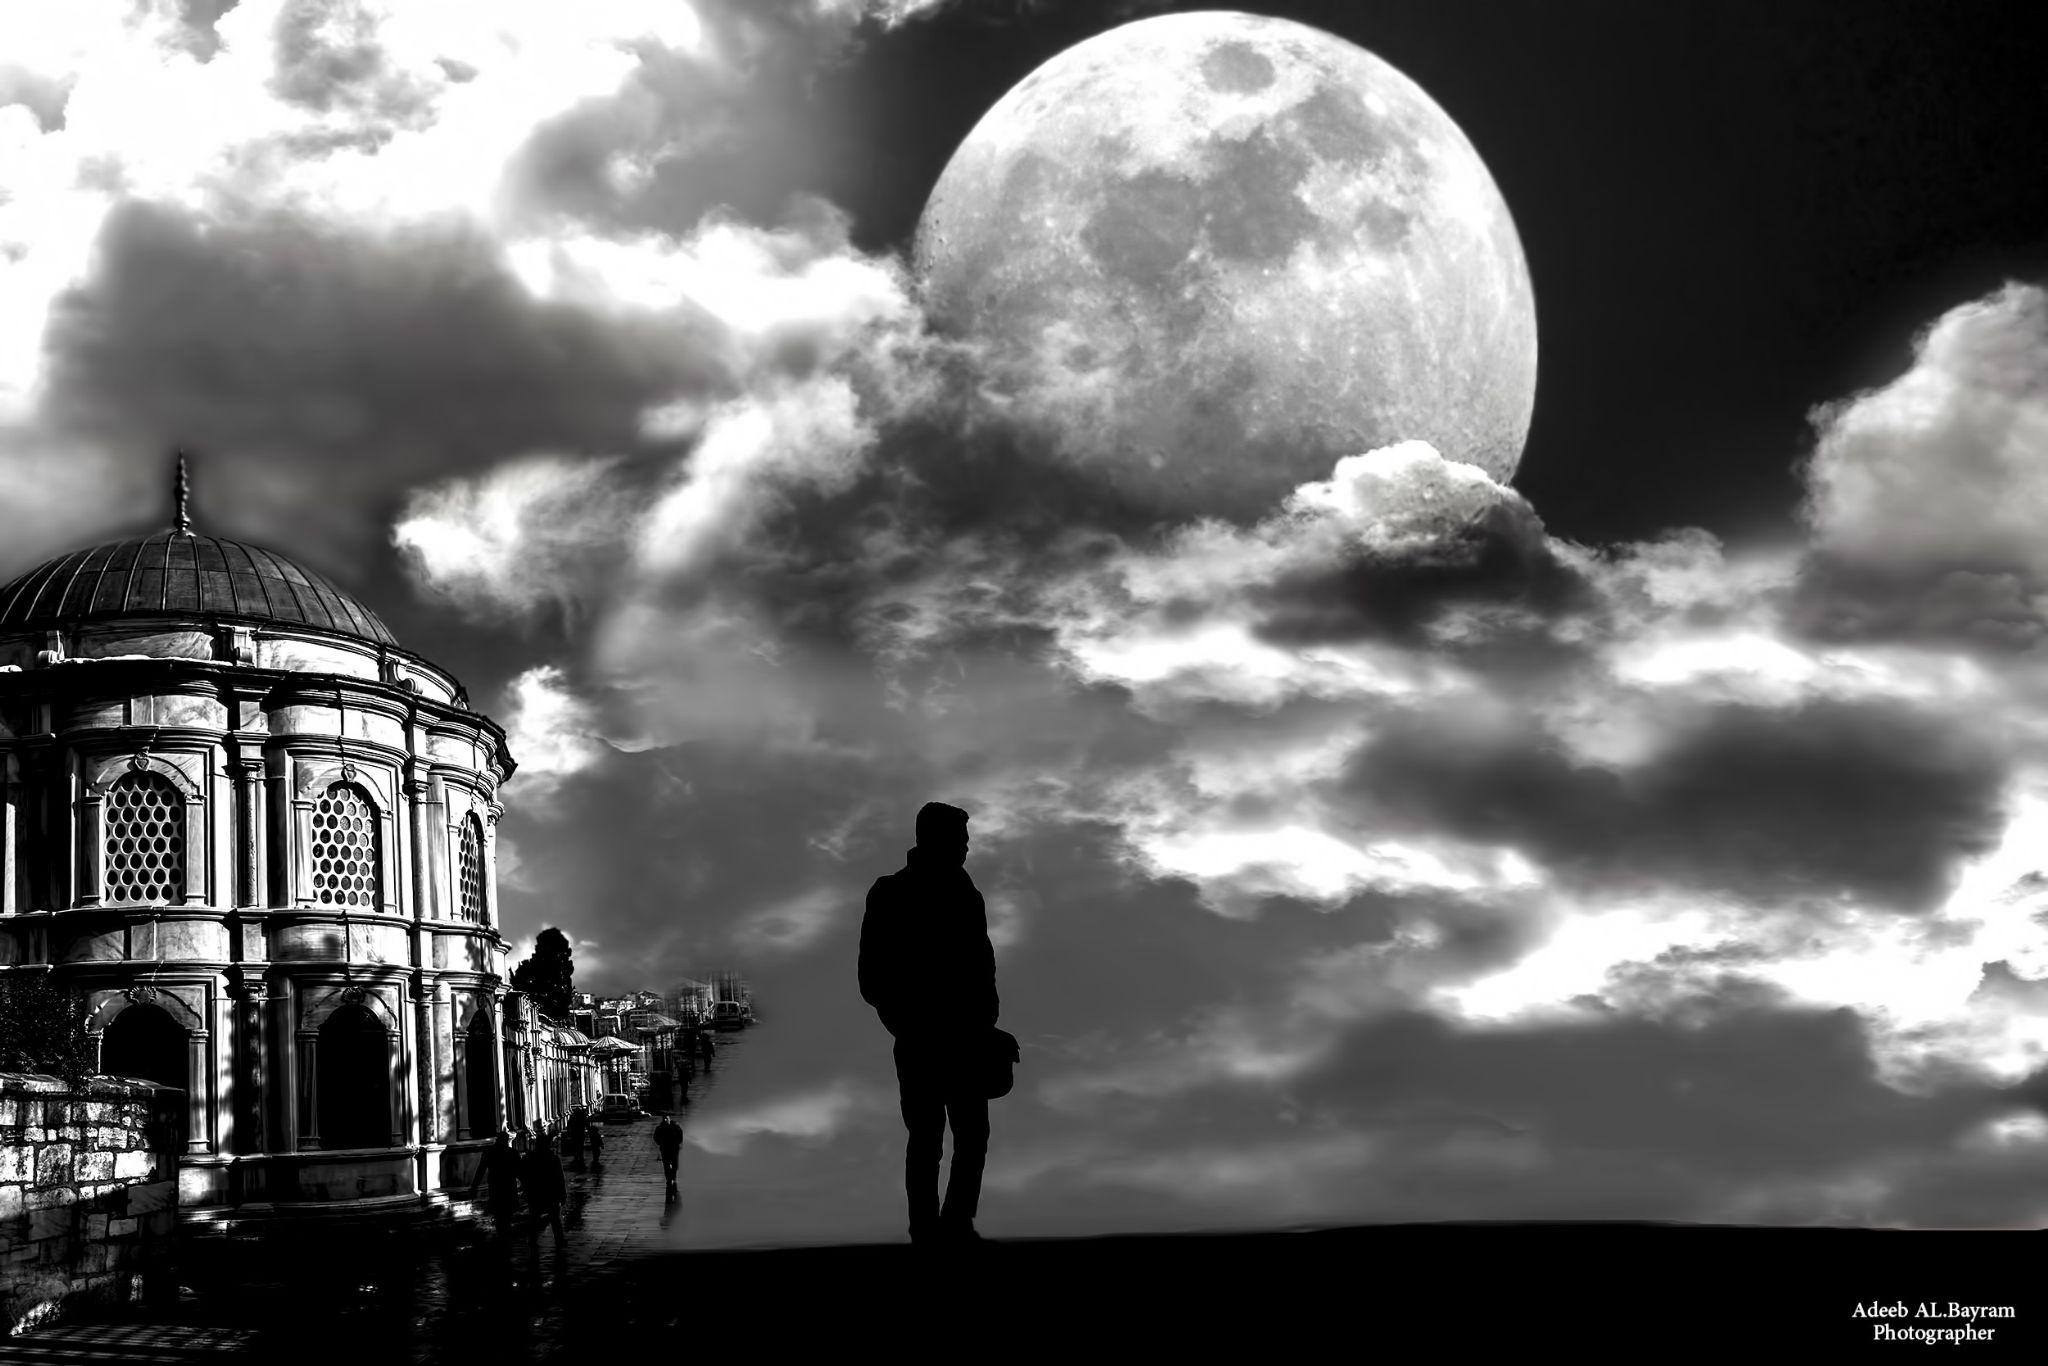 Untitled by Adeeb Albayram